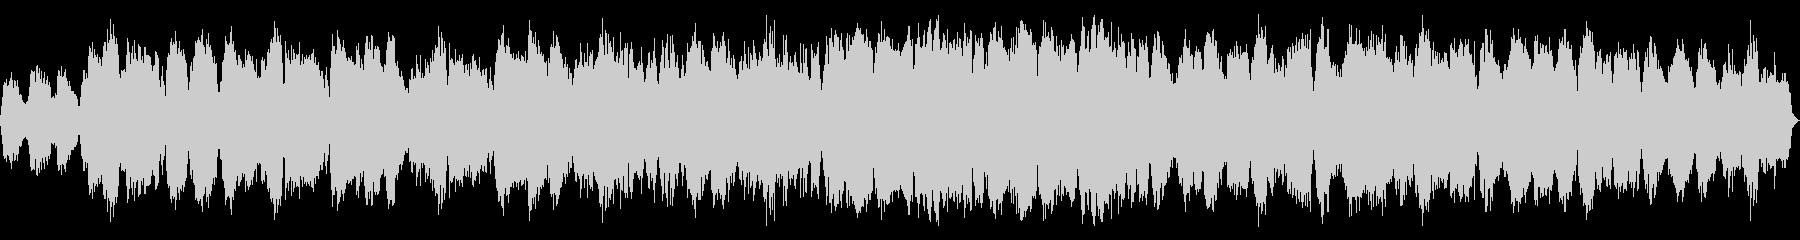 笛とシンセサイザーの静かで神秘的なBGMの未再生の波形